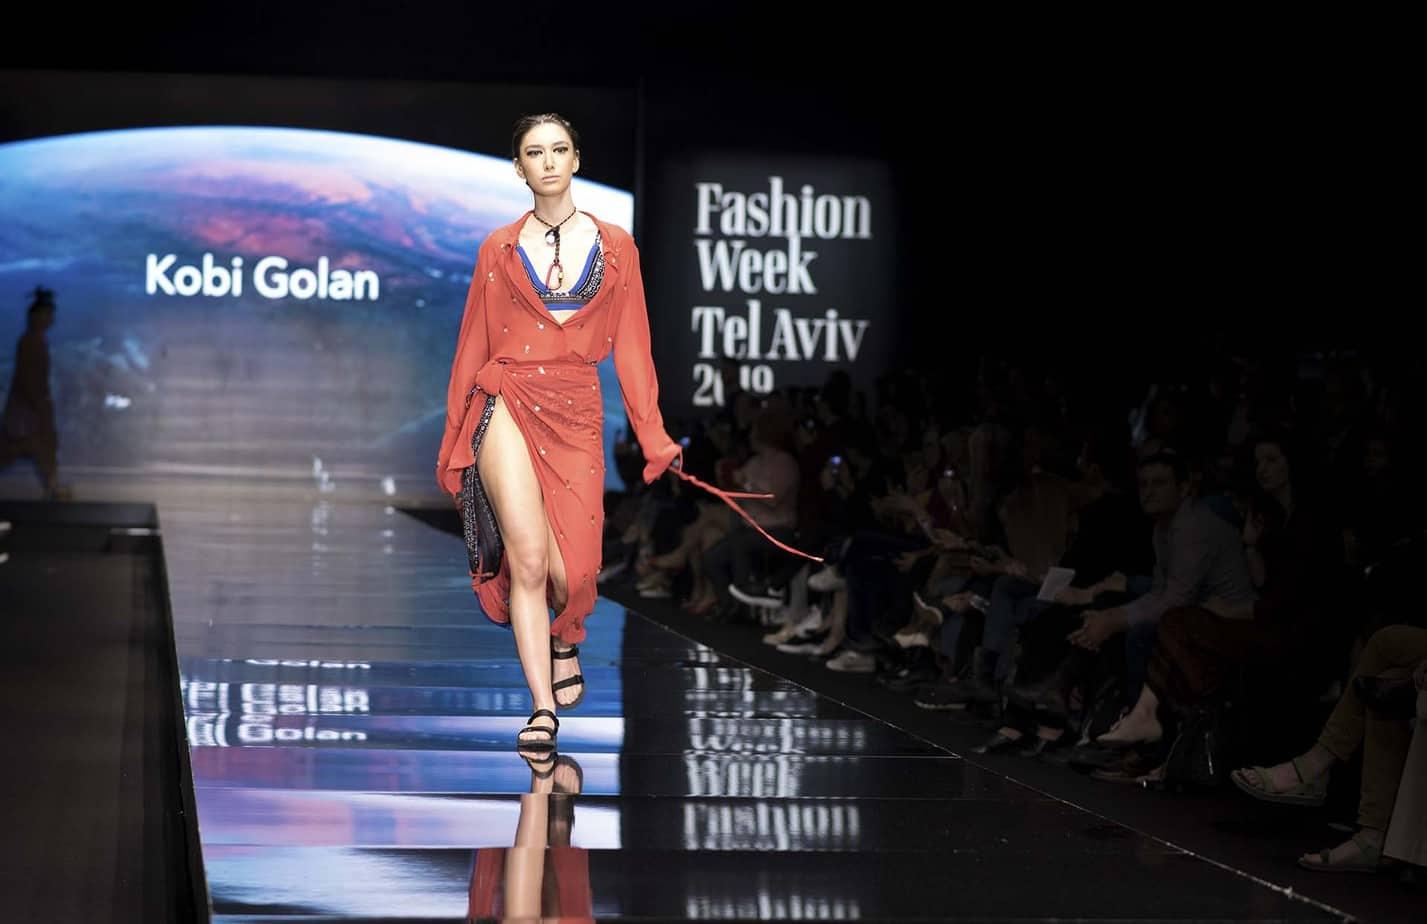 שורש. שבוע האופנה תל אביב 2019, צילום סרגו סטרודובצב - 8